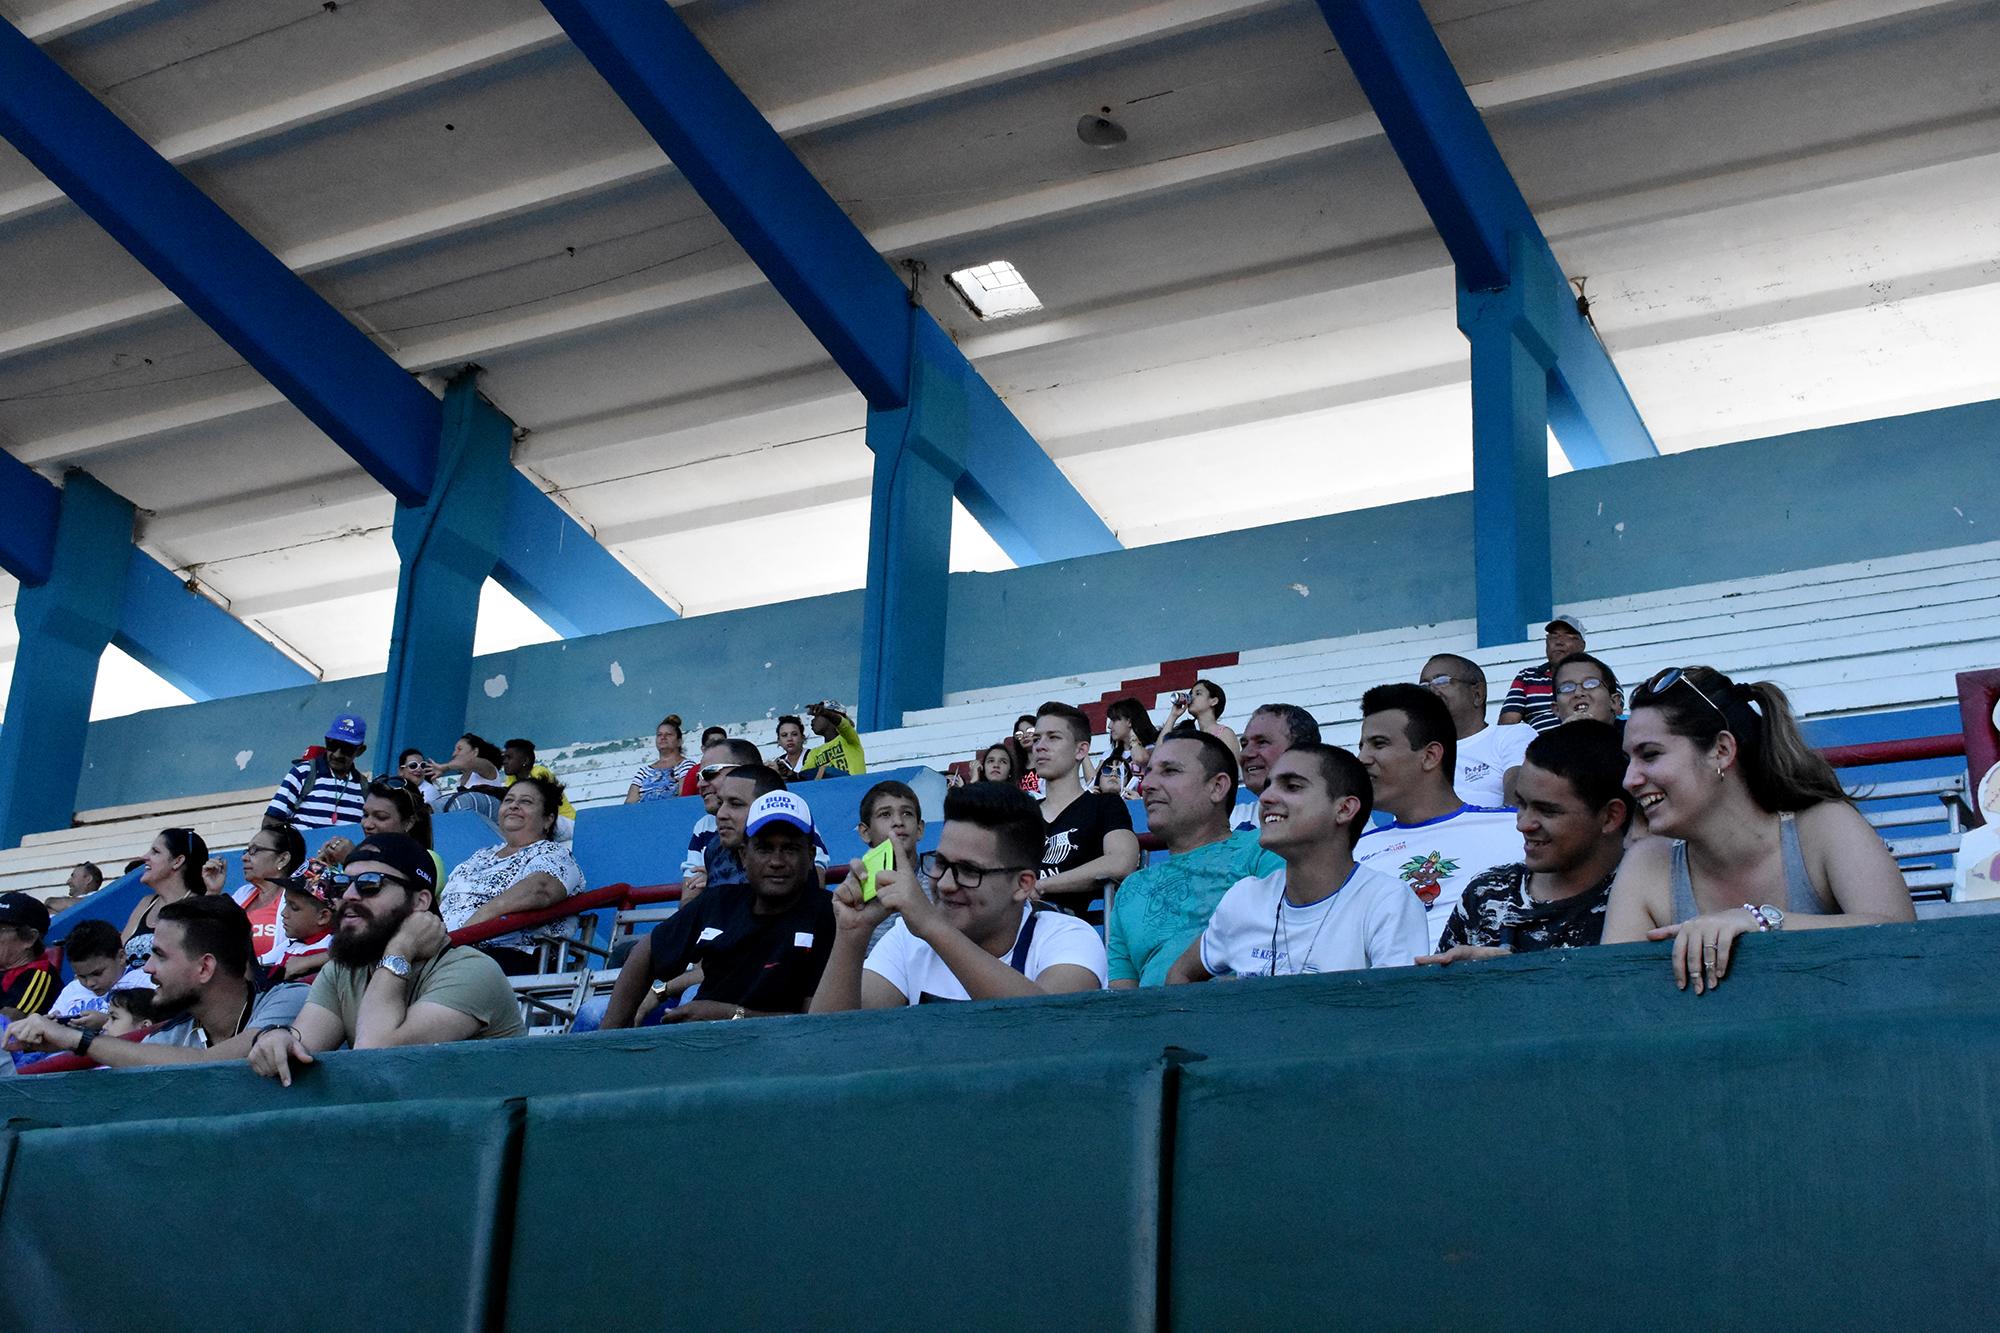 Sin dudas uno de los mejores espectáculos dentro del Satiricón es la realización de este encuentro deportivo. Fotos Ernesto Herrera